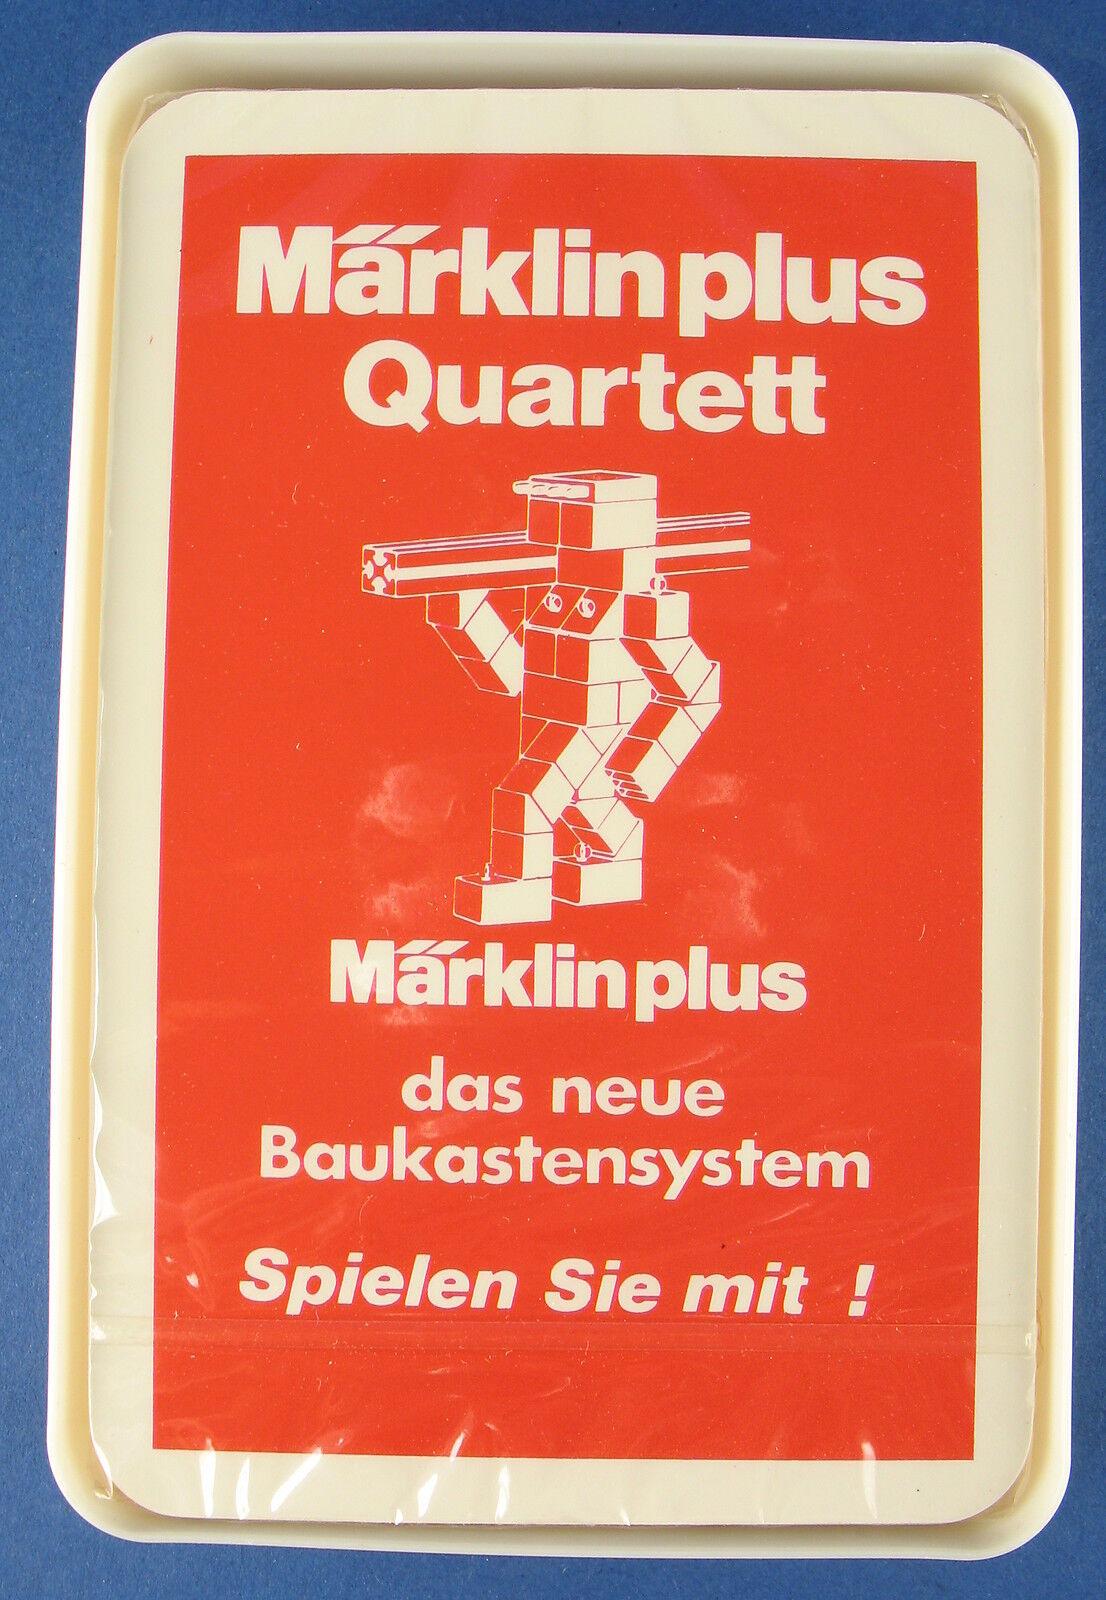 Quartett - Märklin plus - das neue Baukastensystem - WERBEQUARTETT - Neu Folie